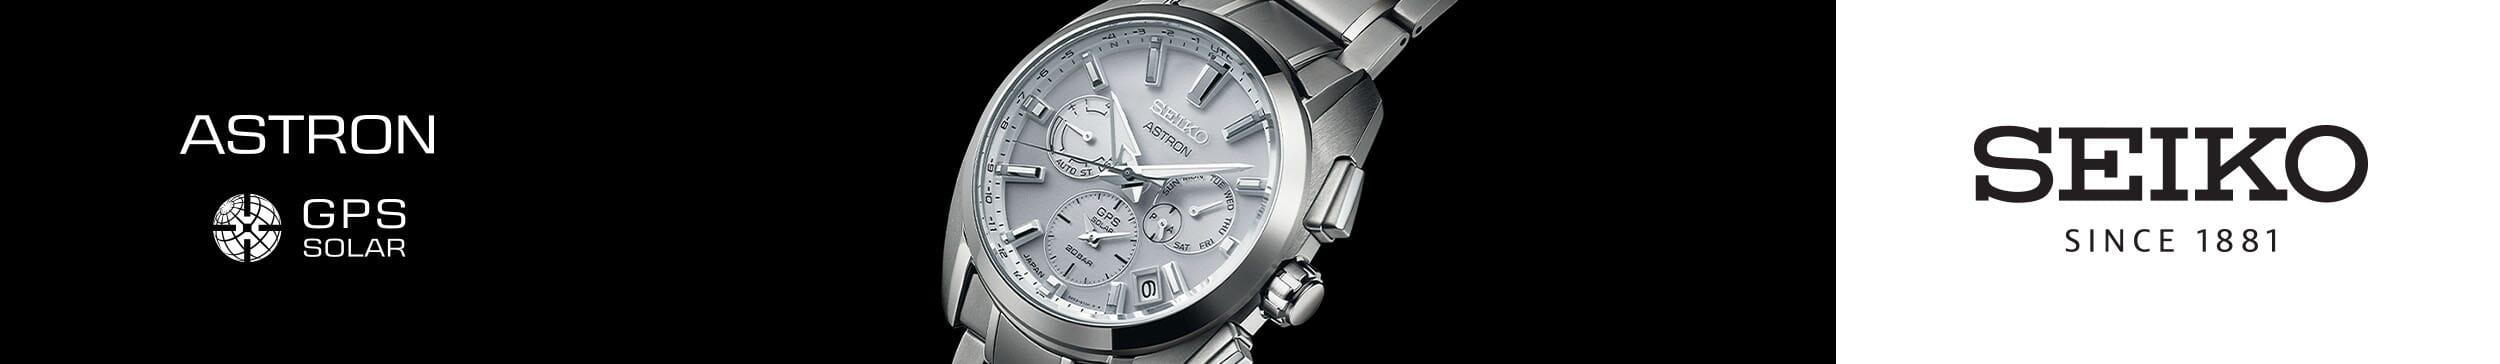 Seiko Astron Horloges